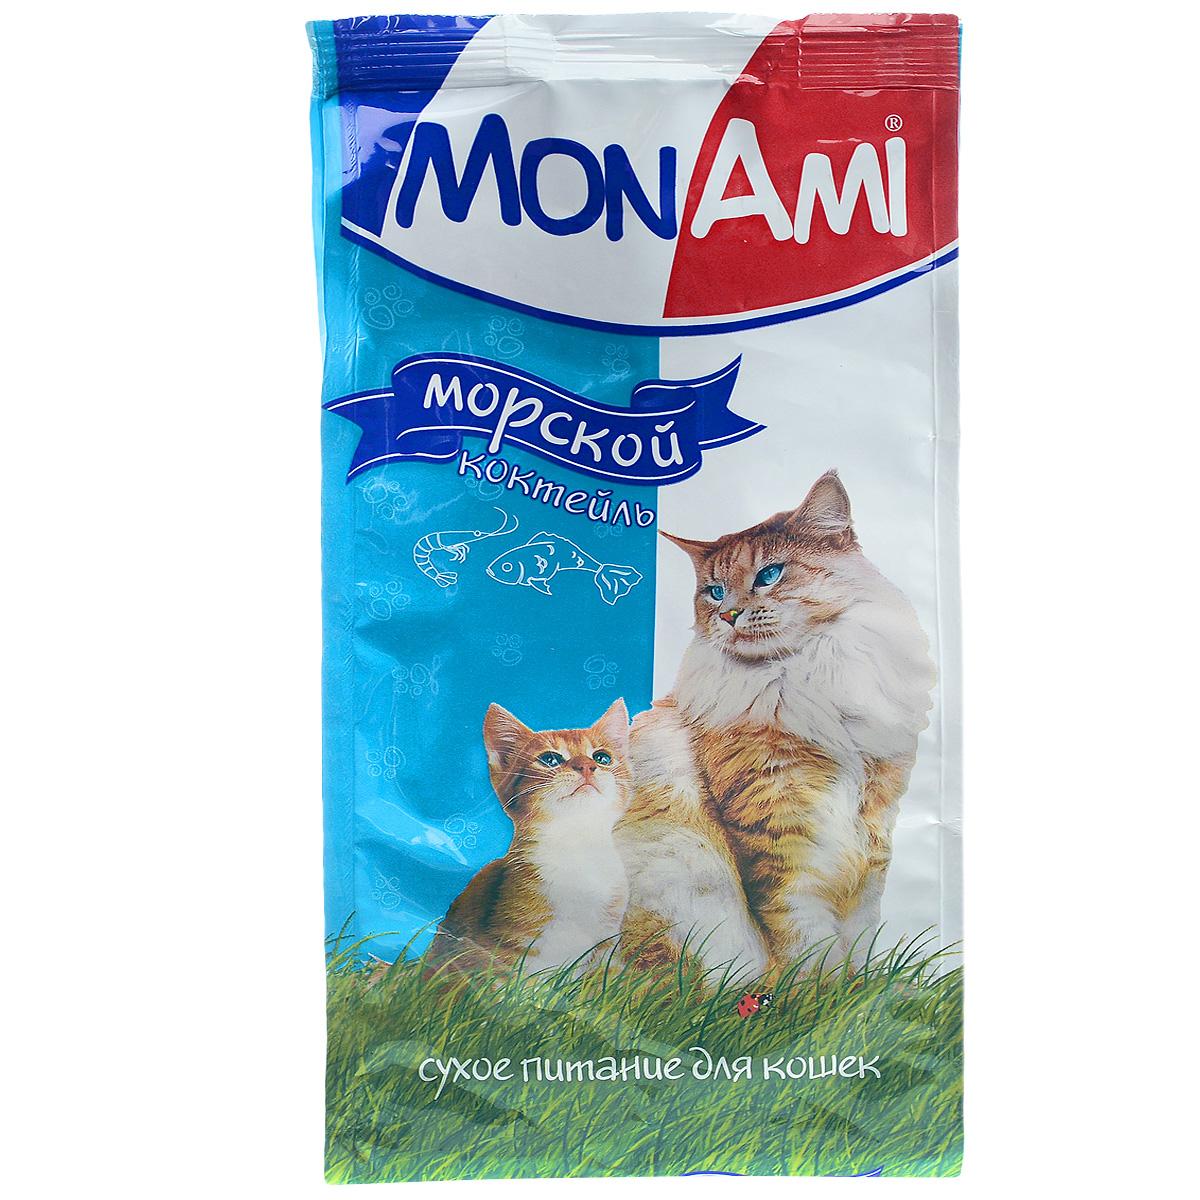 Корм сухой для кошек Mon Ami, с рыбой, 400 г14136Сухой корм для кошек Mon Ami - это полноценное сбалансированное питание для кошек, разработанное с использованием современных технологий. Особенности рациона: Необходимое сочетание ингредиентов для достижения правильной усвояемости питательных веществ организмом. Источник линолевой кислоты и правильного уровня витаминов группы В благотворно влияют на кожу и шерсть. Таурин - для здоровья глаз и сердца. Состав: злаки (пшеница, рис), экстракт белка растительного происхождения, мясо и продукты животного происхождения, подсолнечное масло, минеральные добавки, гидролизованная печень, рыба и продукты переработки рыбы, пульпа сахарной свеклы (жом), витамины, пивные дрожжи, таурин, антиоксидант. Анализ: сырой протеин 30%, сырой жир 10%, сырая зола 7%, сырая клетчатка 2,5%, влажность 10%, фосфор 0,9%, кальций 1,05%, витамин А 5000 МЕ/кг, витамин Д 500 МЕ/кг, витамин Е 30 мг/кг. Энергетическая ценность: 333 ккал/100 г. Товар...